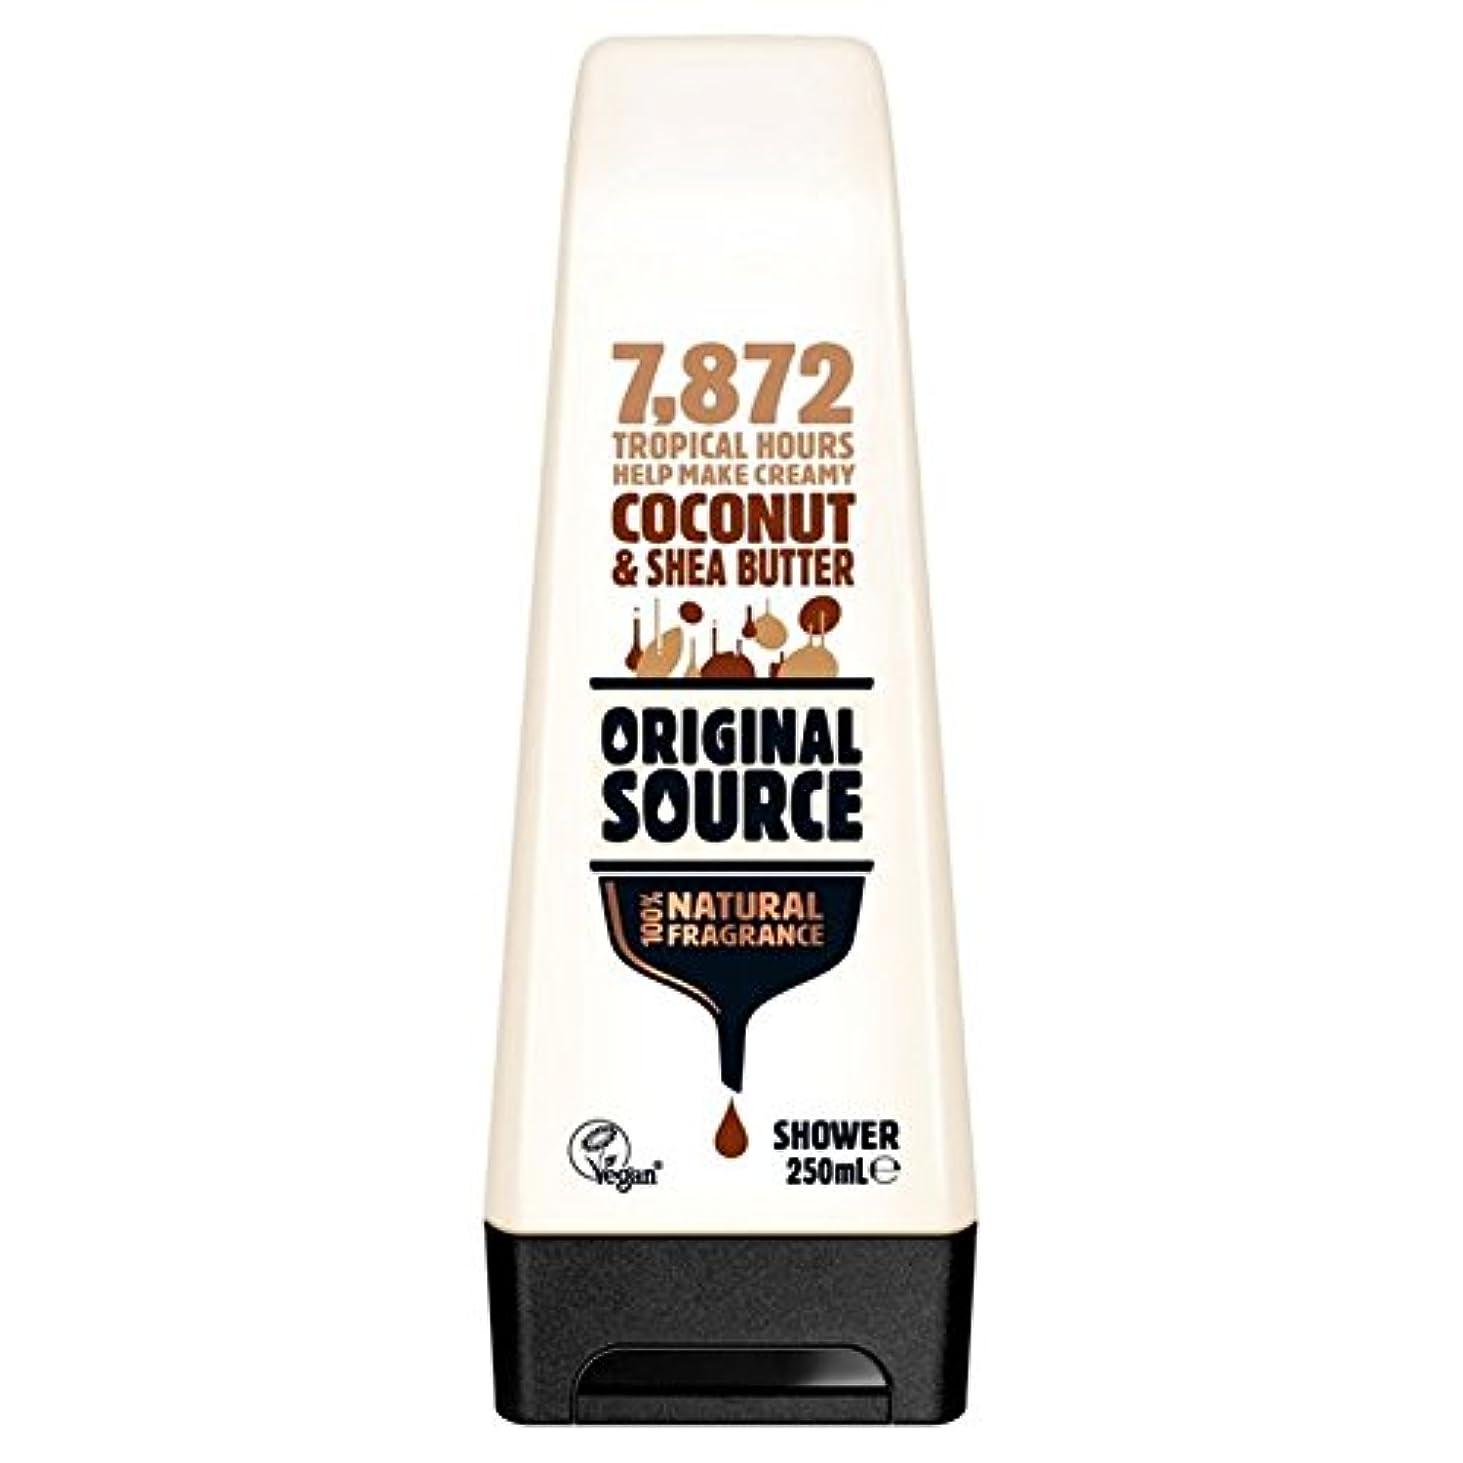 キウイルール硬いOriginal Source Moisturising Coconut & Shea Butter Shower Gel 250ml - 元のソース保湿ココナッツ&シアバターシャワージェル250ミリリットル [並行輸入品]